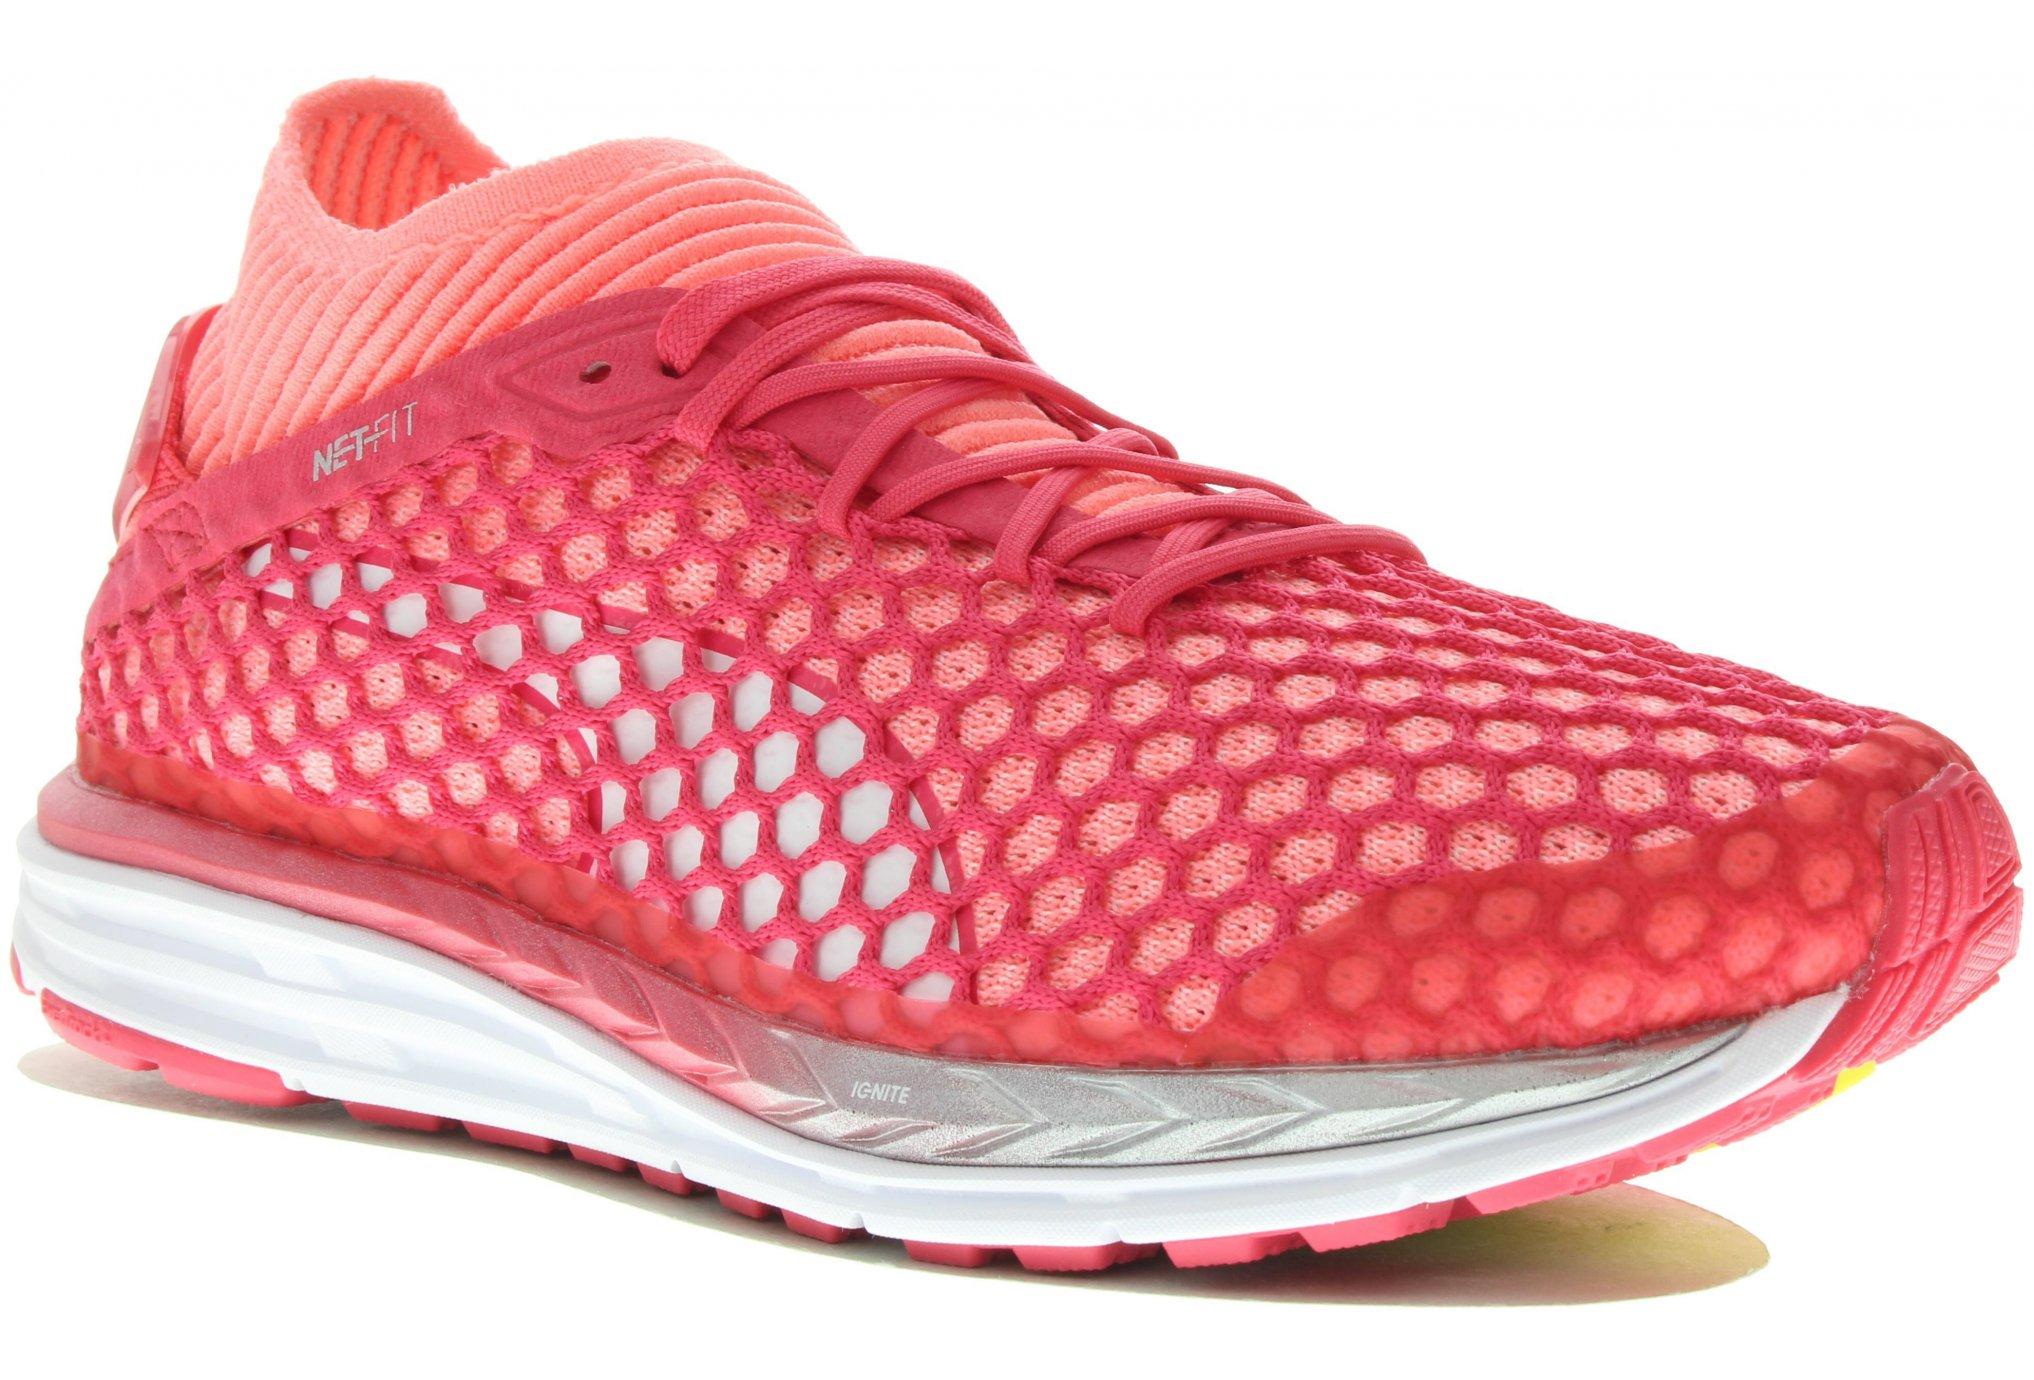 Puma Speed Ignite Netfit 2 W Diététique Chaussures femme